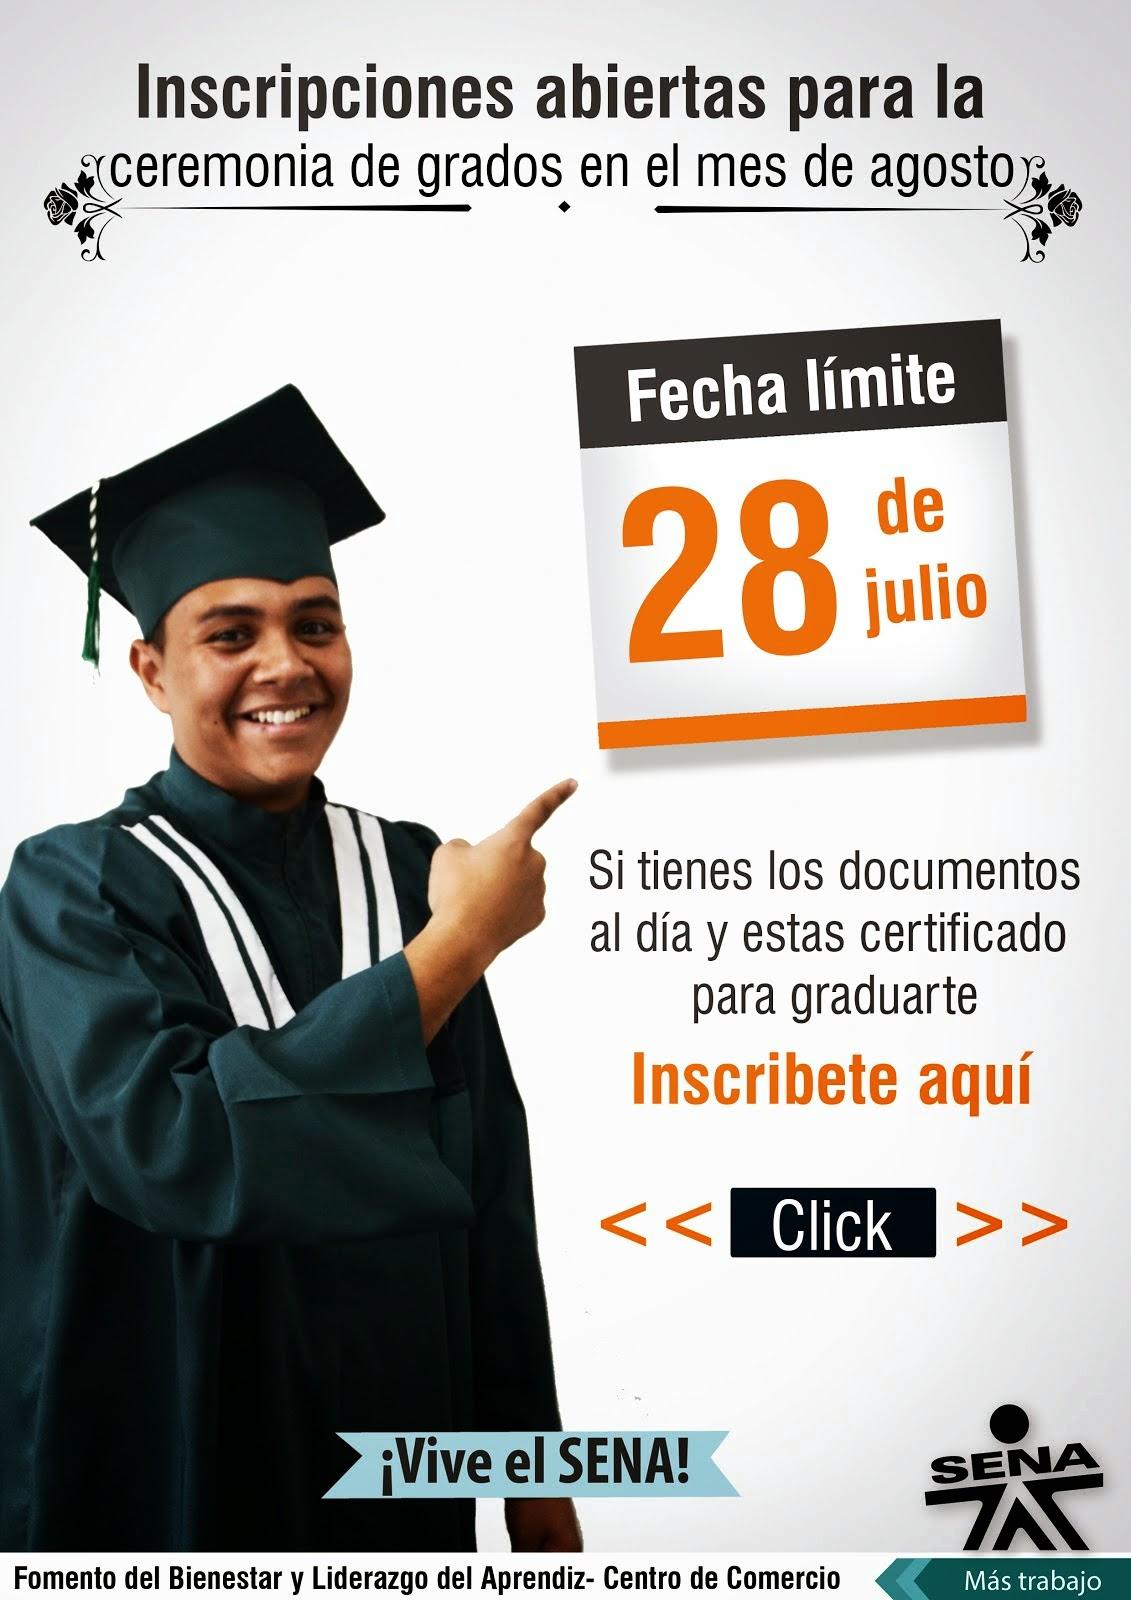 Inscribete a la ceremonia de grados para el mes de Agosto